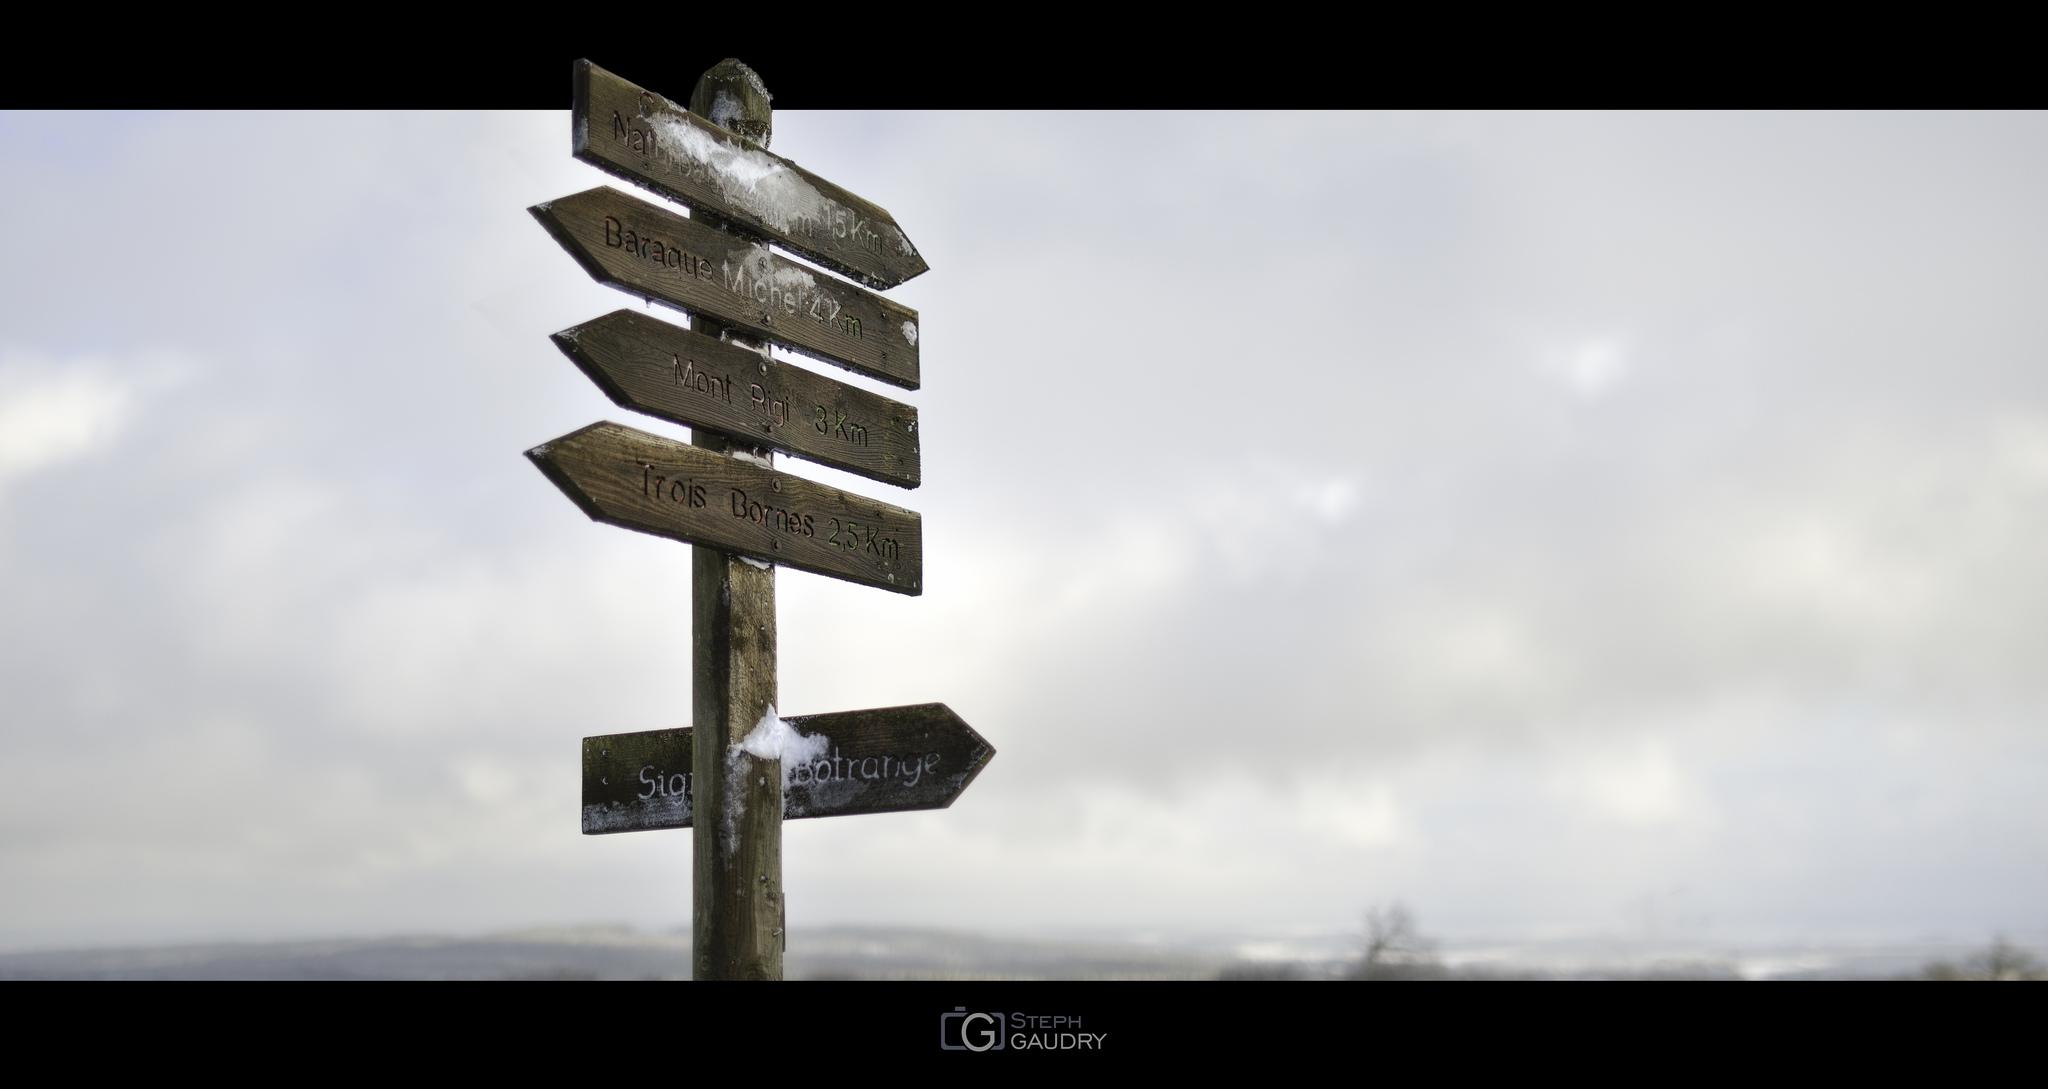 Signal de Botrange - Trois Bornes - Mont Rigi - Baraque Michel - Centre nature [Cliquez pour lancer le diaporama]